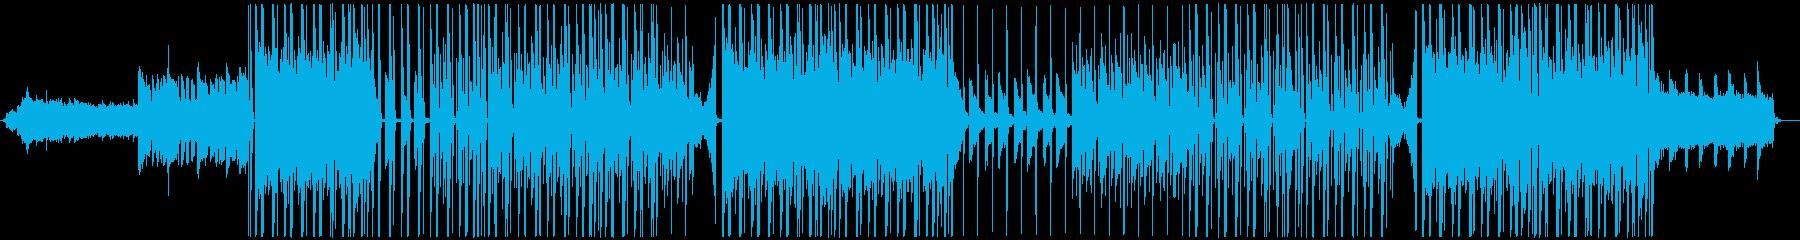 ポップでチルなオシャレ系BGMの再生済みの波形